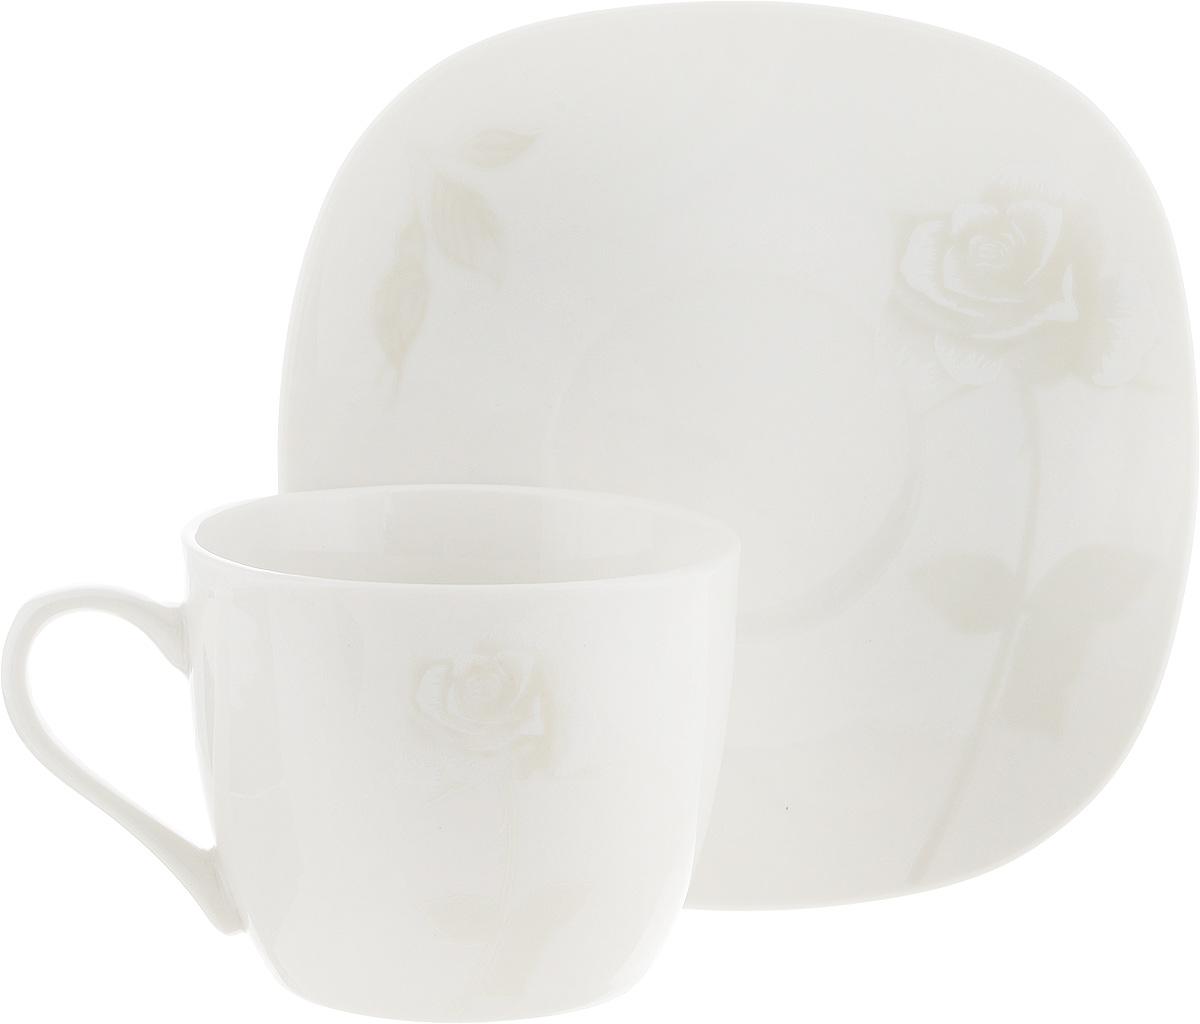 Чайная пара Жемчужная роза, цвет: молочный, 2 предмета216694Чайная пара Жемчужная роза состоит из чашки и блюдца, изготовленных из высококачественной керамики. Красочность оформления придется по вкусу ценителям утонченности и изысканности. Диаметр чашки по верхнему краю: 8 см. Высота чашки: 7 см. Объем чашки: 220 мл. Размер блюдца: 15 см х 15 см.